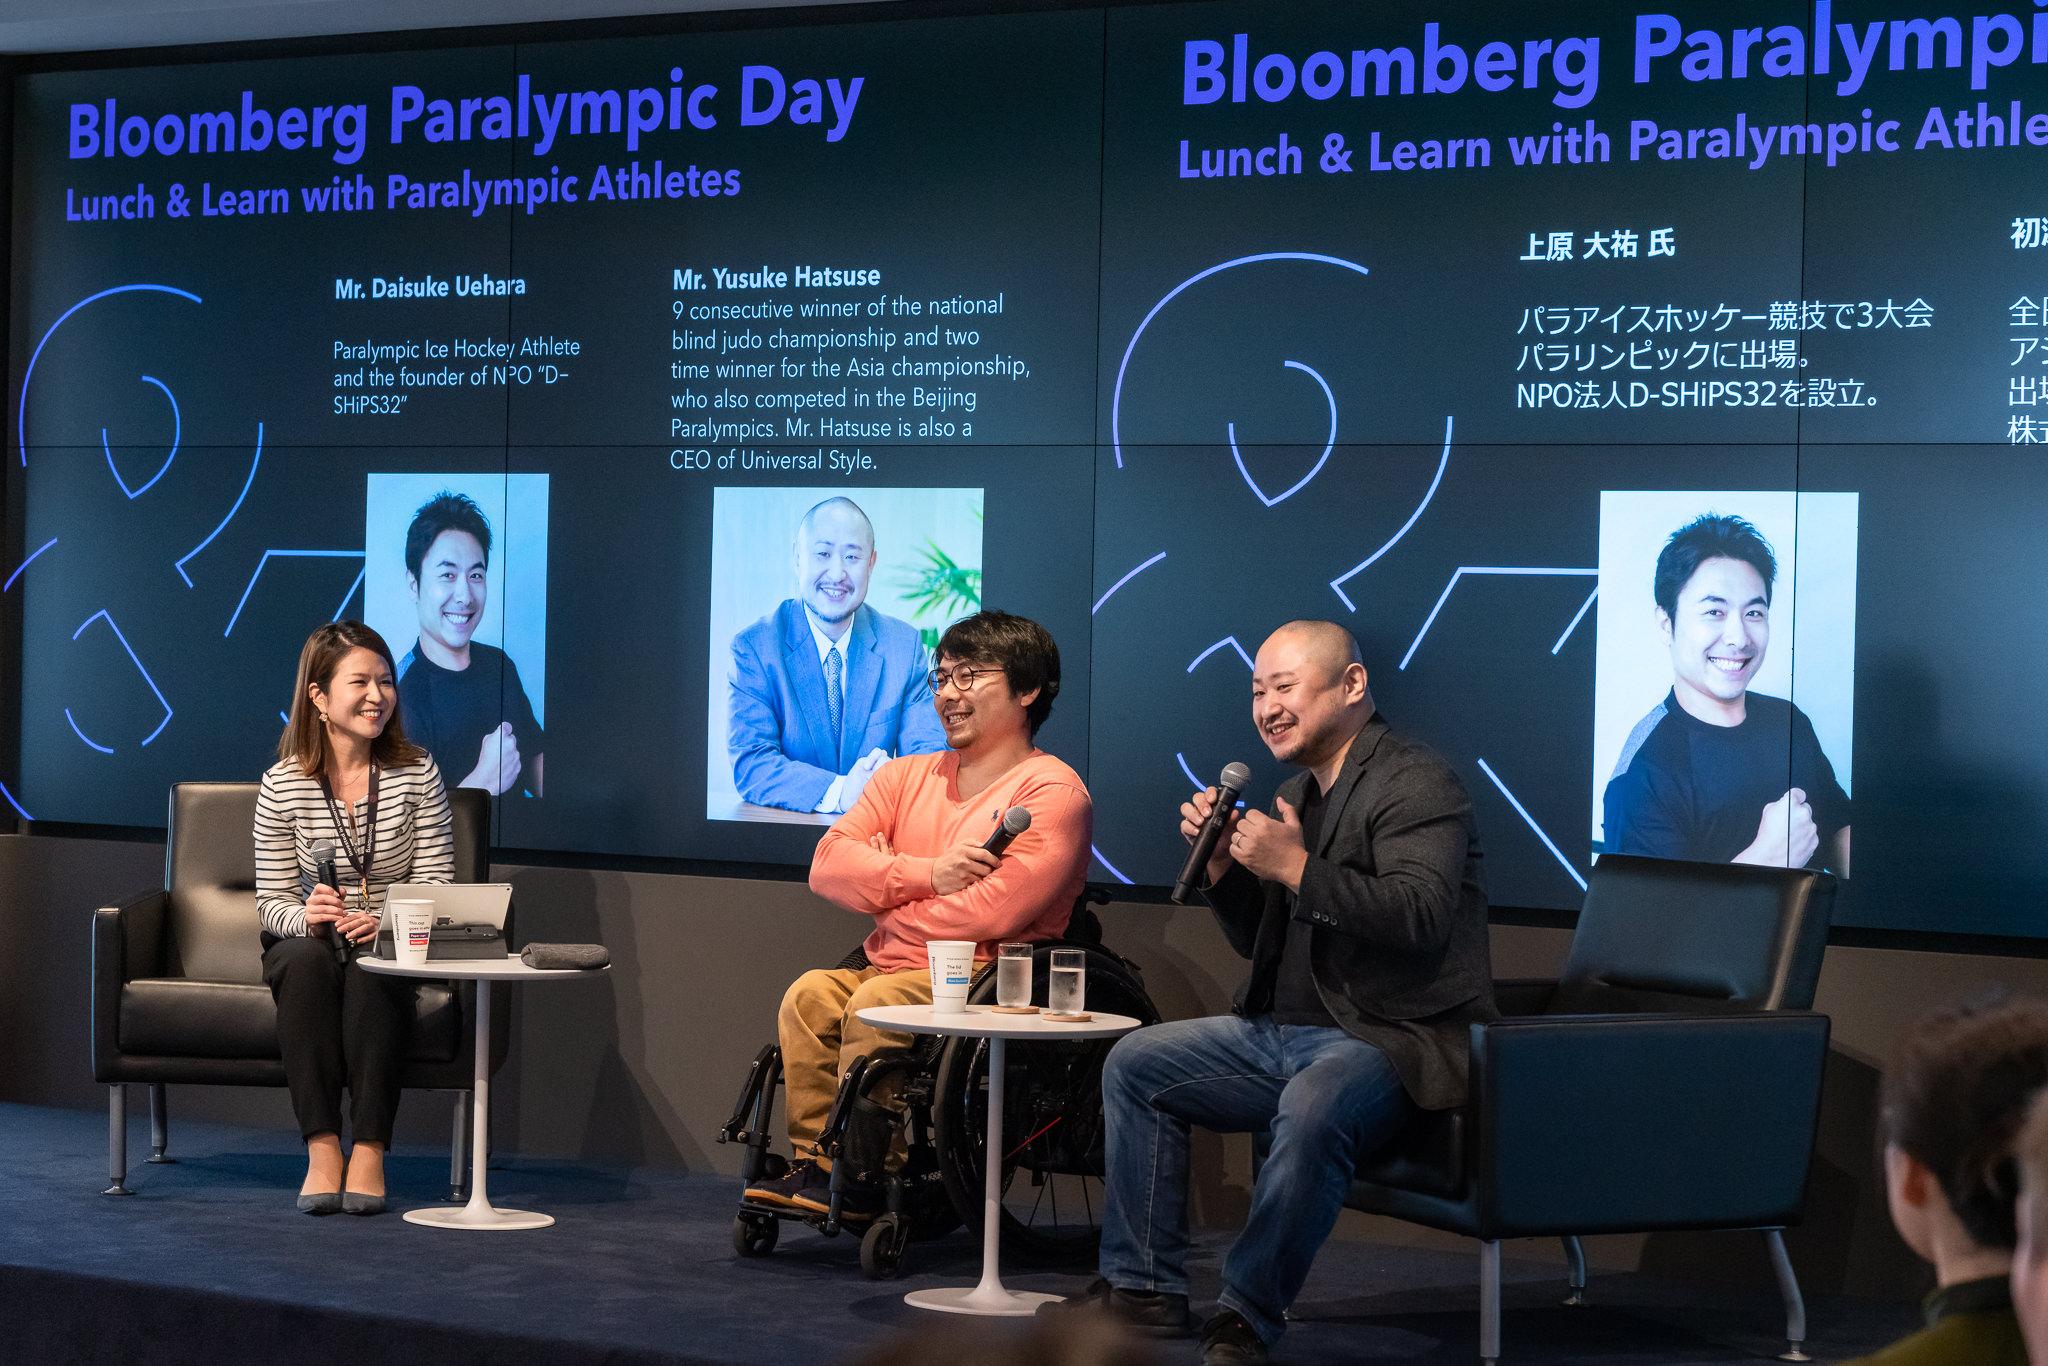 (左から)Tokyo Abilities Communityメンバー内海 加菜子、NPO法人D-SHIPS32代表 上原 大祐 氏、株式会社ユニバーサルスタイル代表 初瀬 勇輔 氏